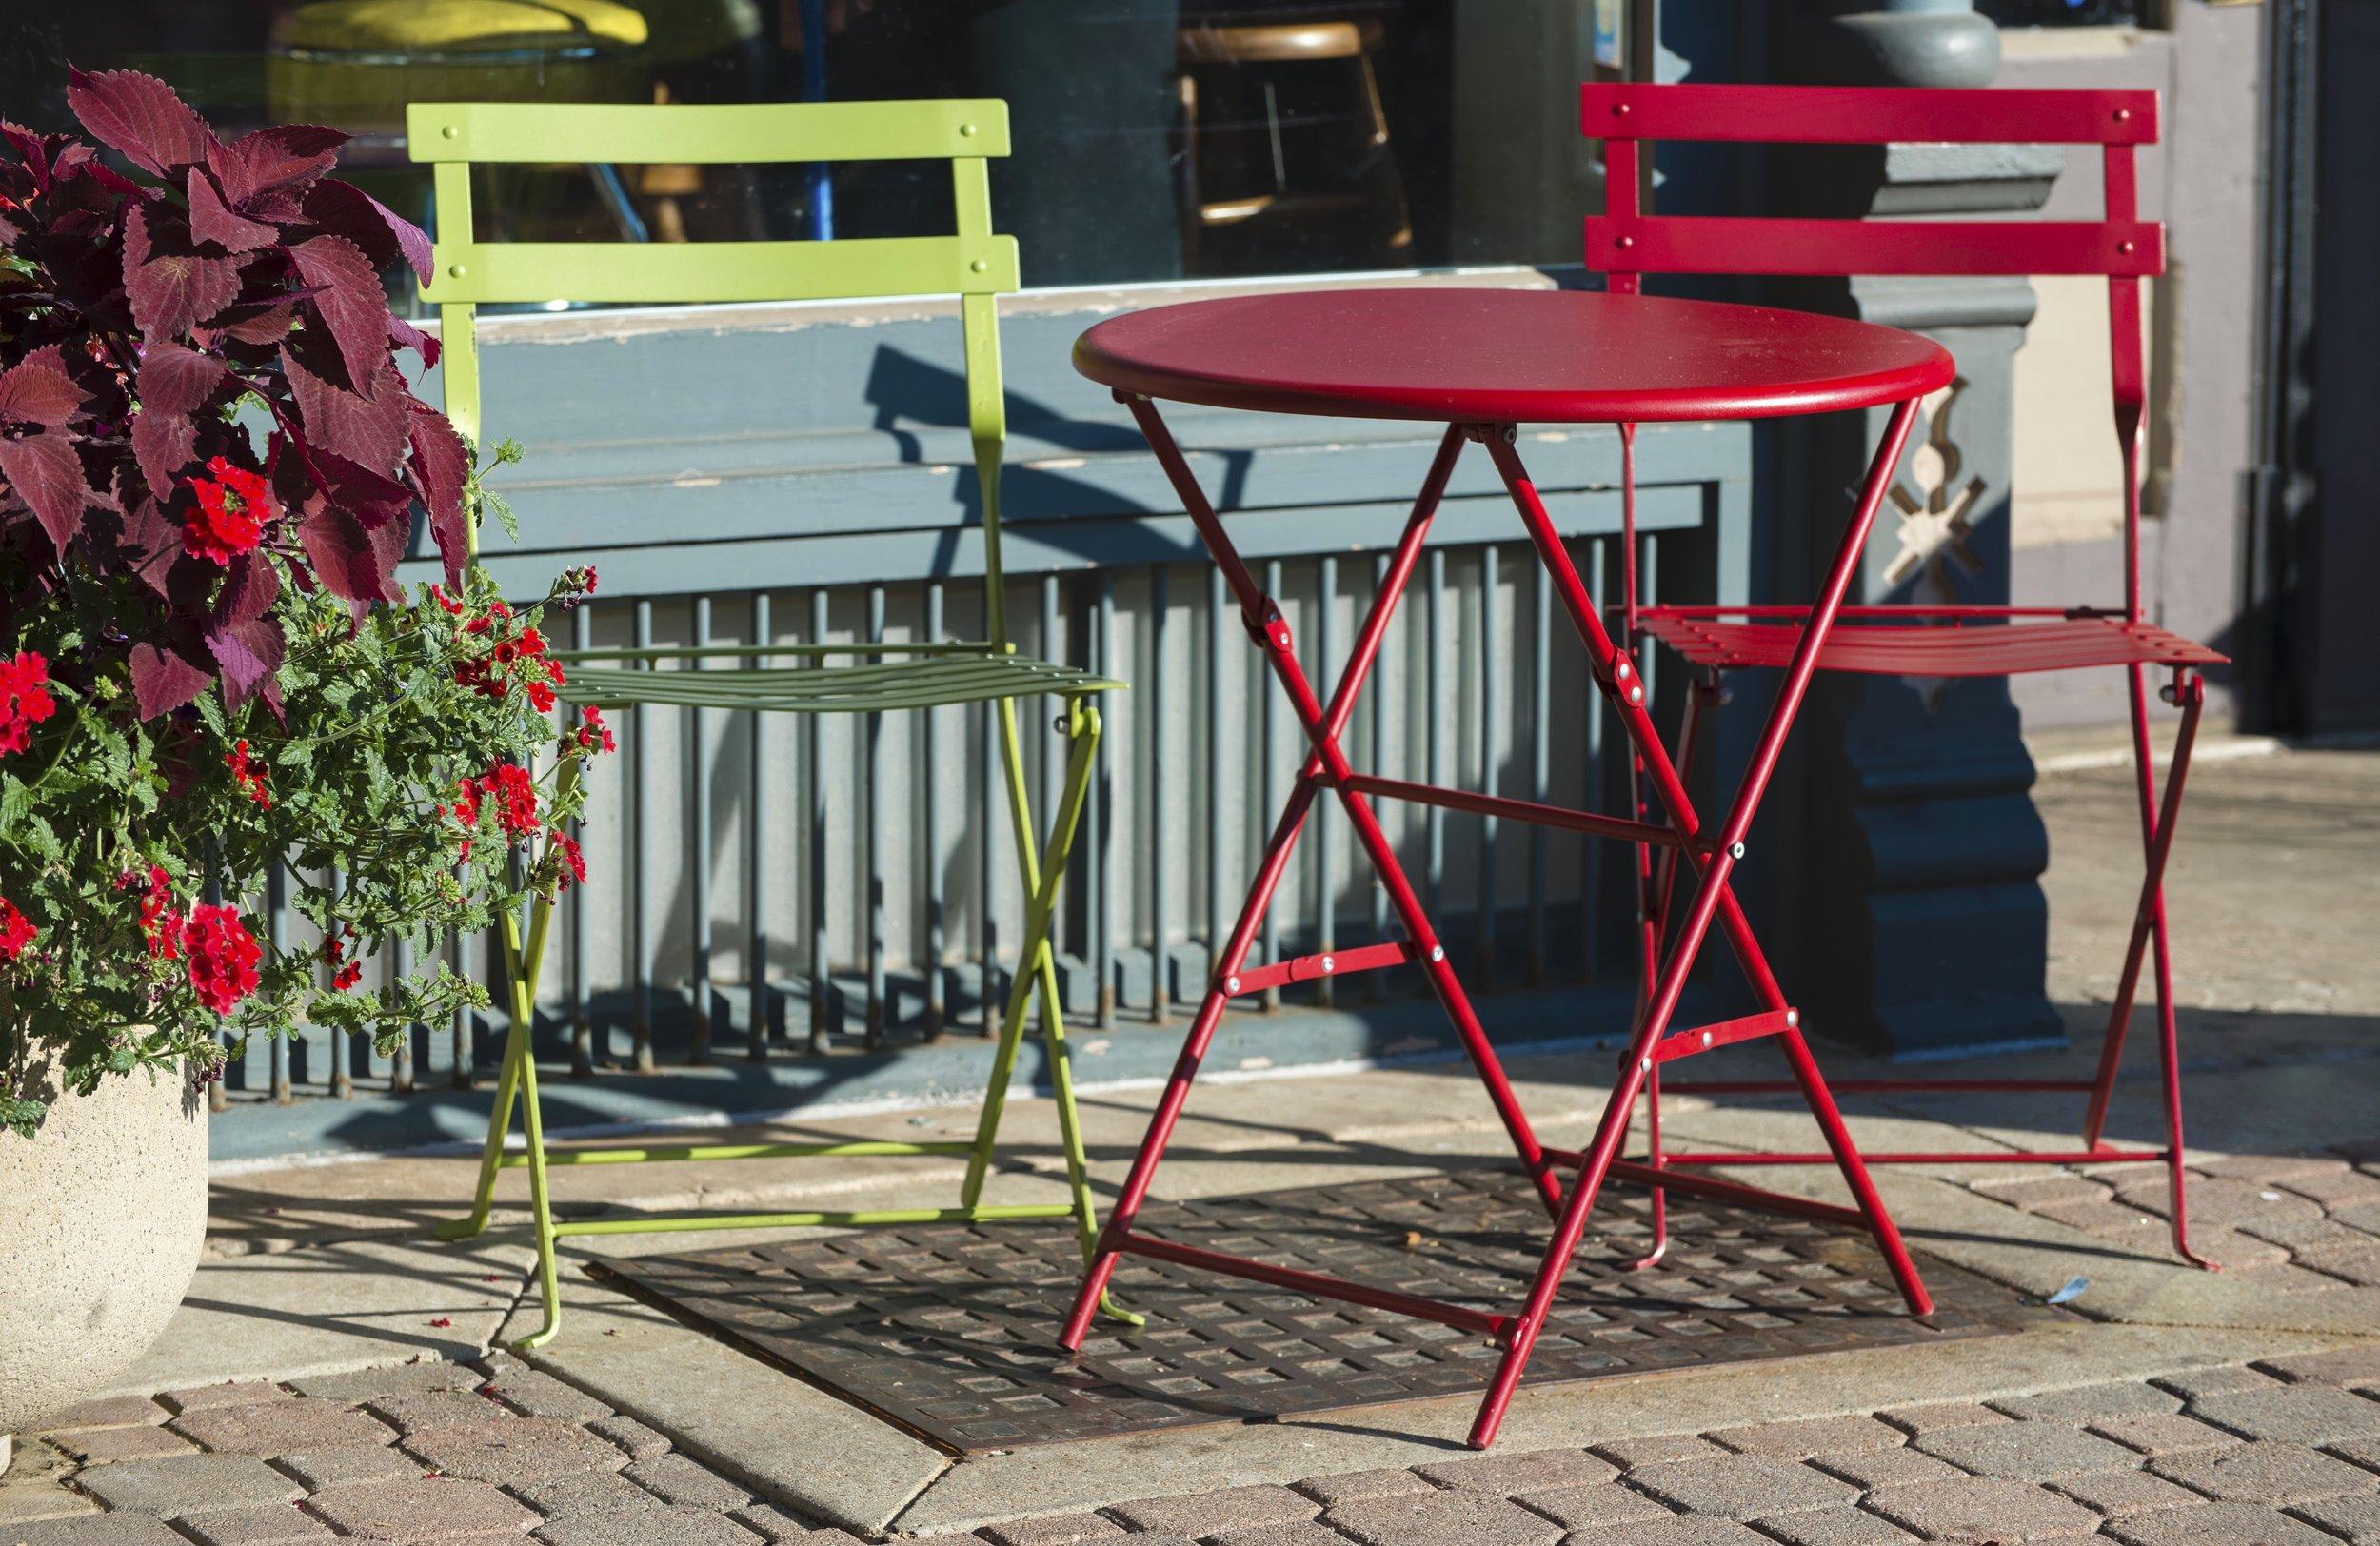 Sidewalkchairs.jpg